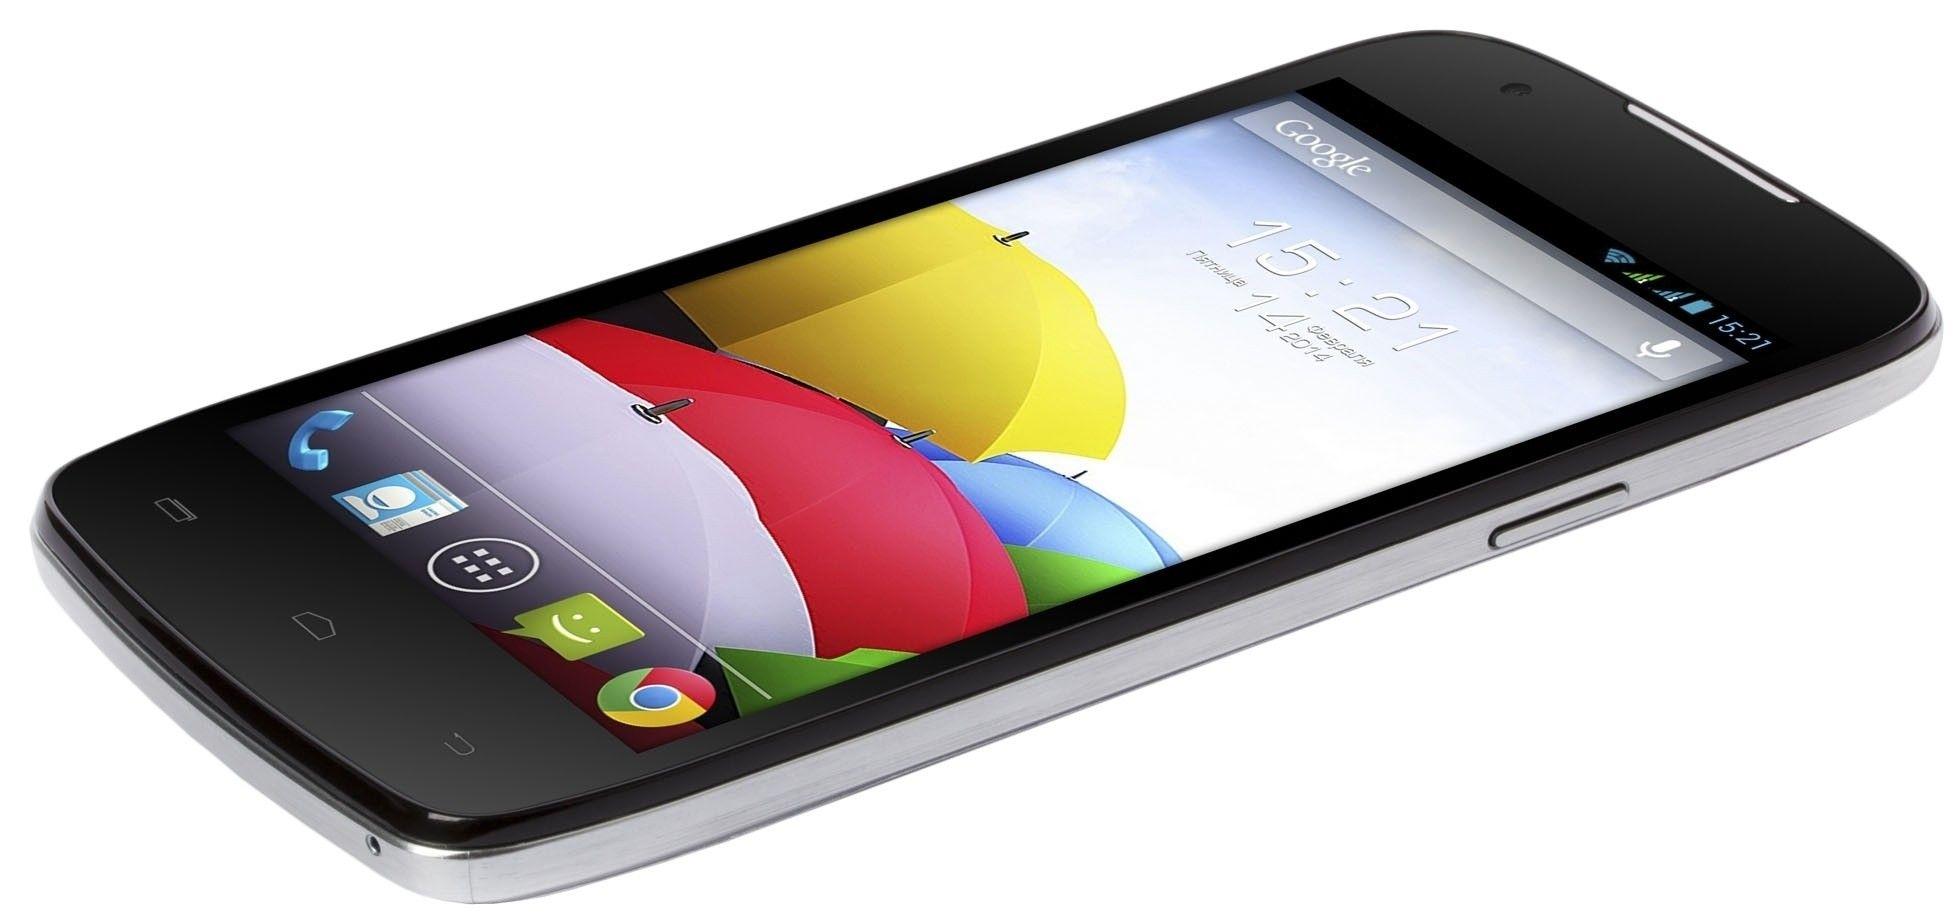 Мобильный телефон Fly IQ4405 Quad Evo Chic Silver - 3